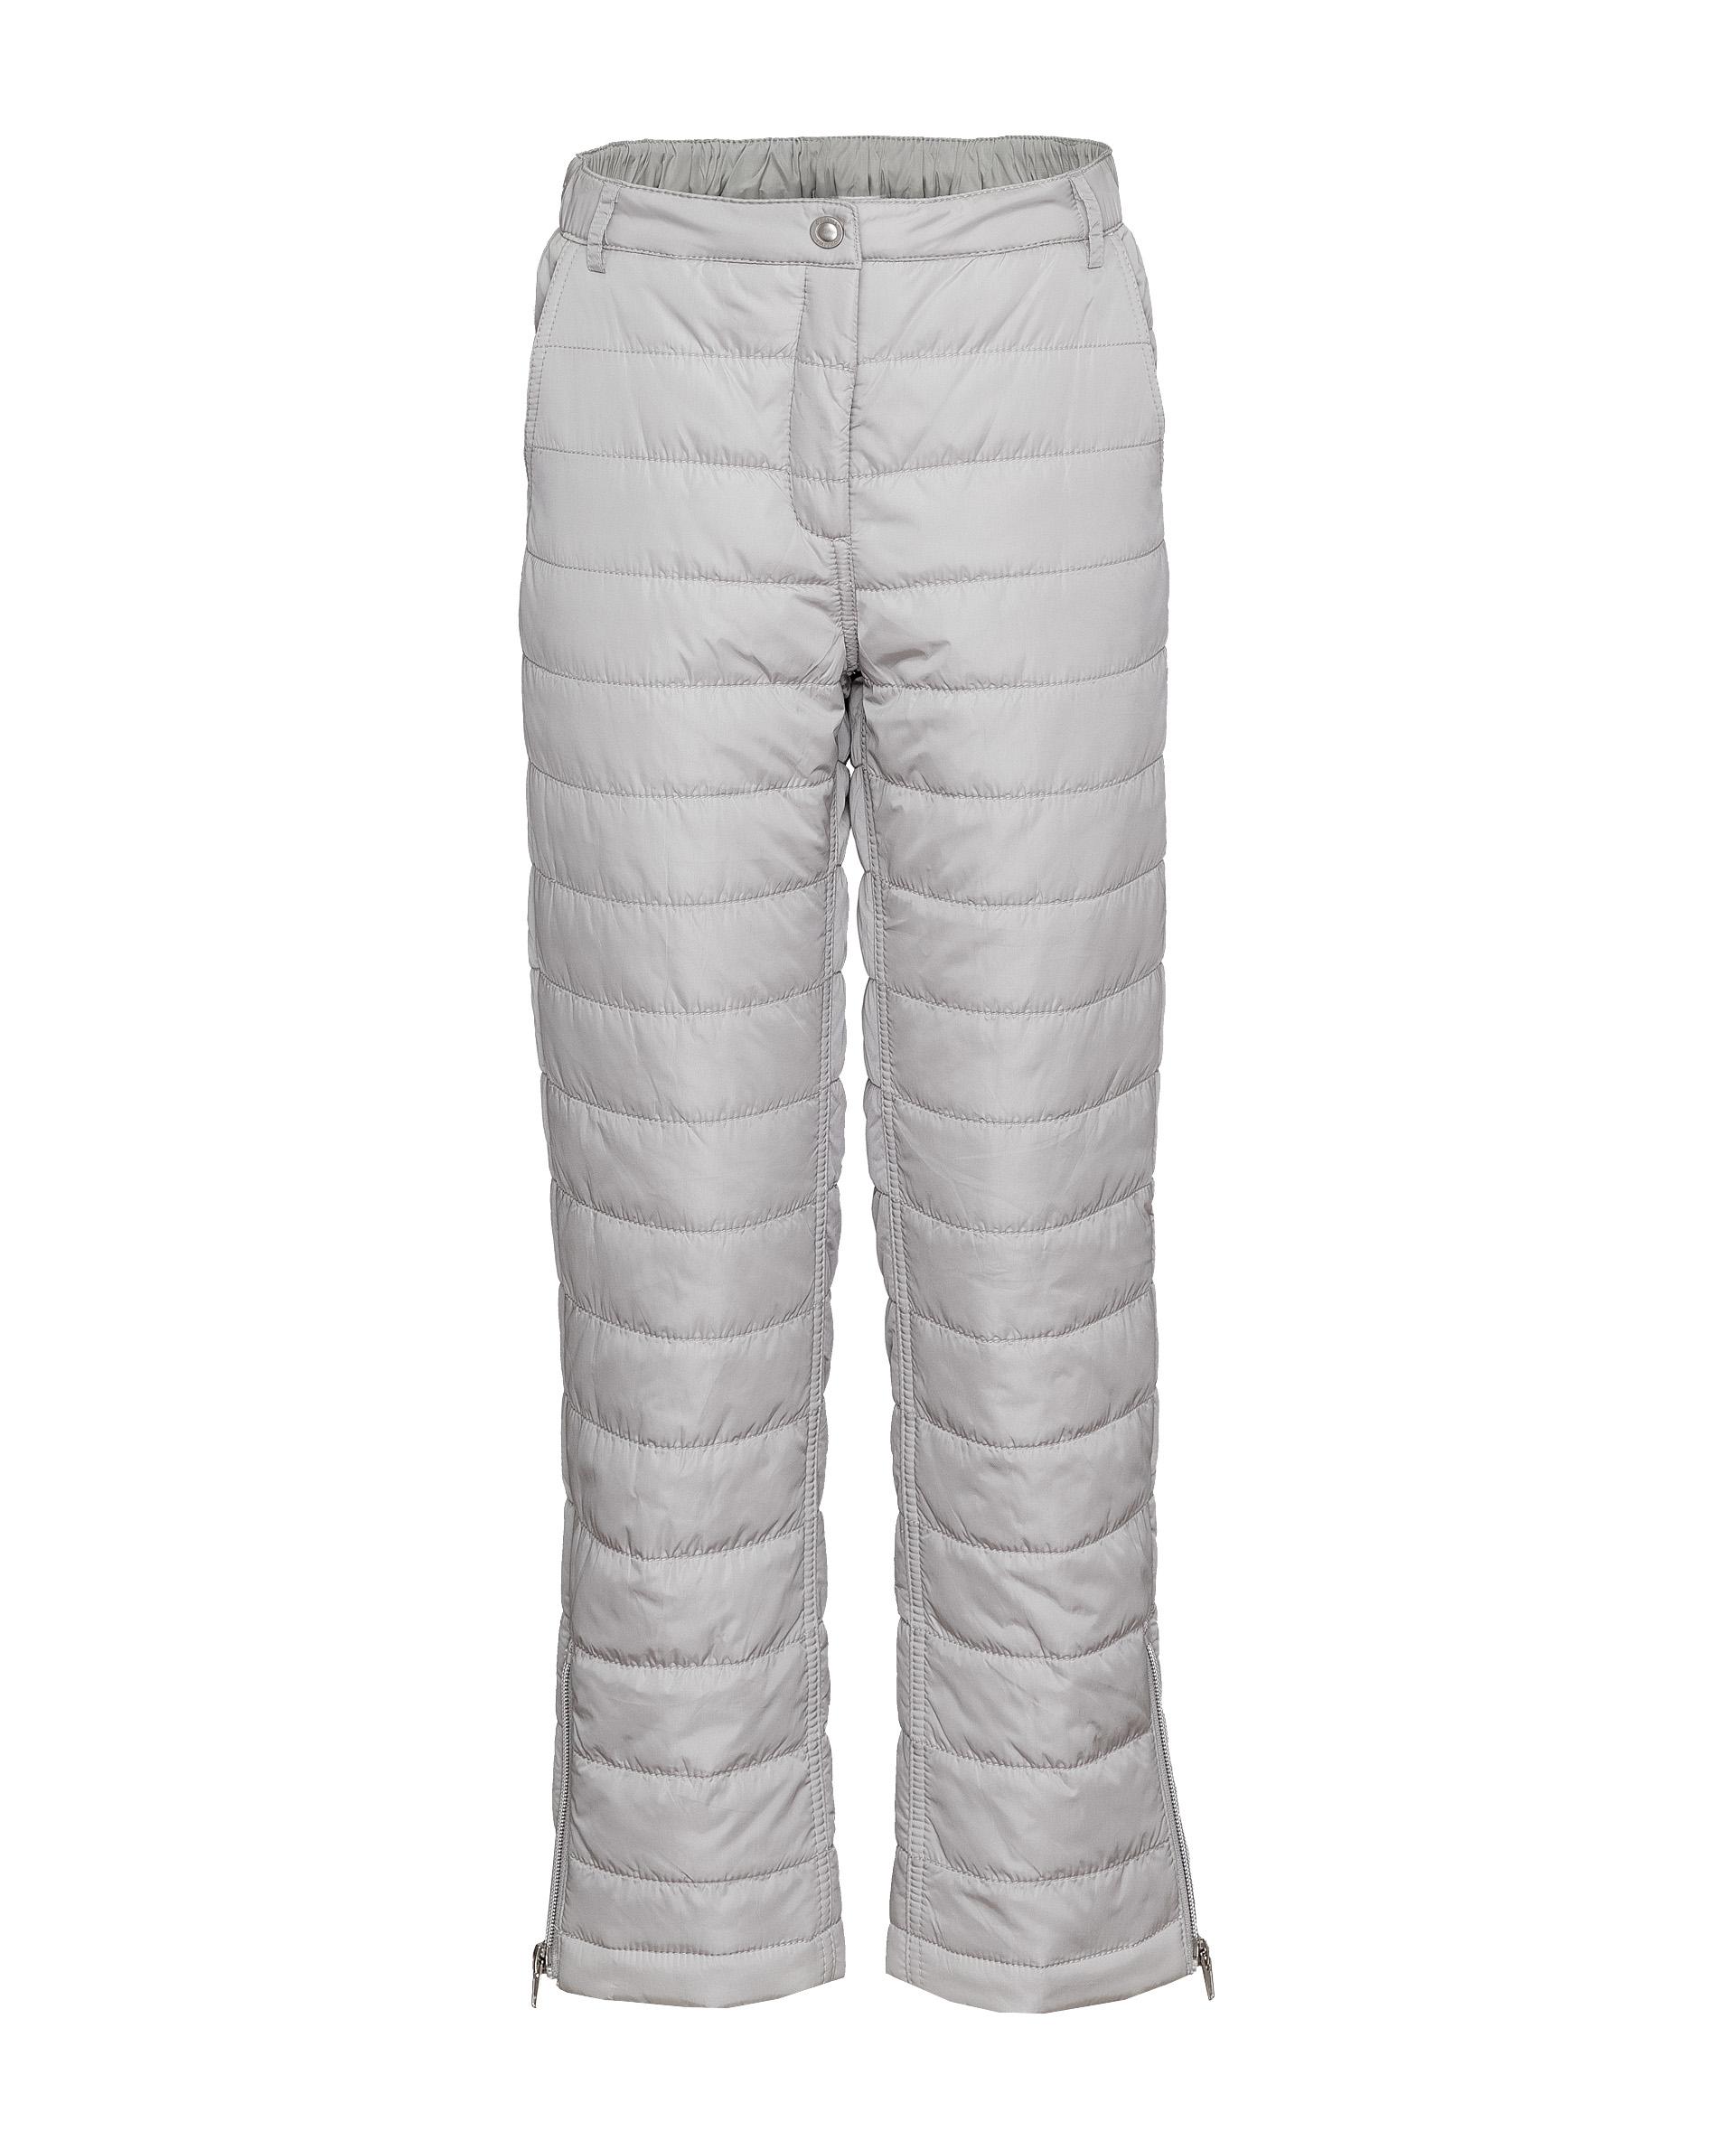 Купить 21907GJC6402, Серые утепленные зимние брюки Gulliver, серый, 140, Женский, ОСЕНЬ/ЗИМА 2019-2020 (shop: GulliverMarket Gulliver Market)